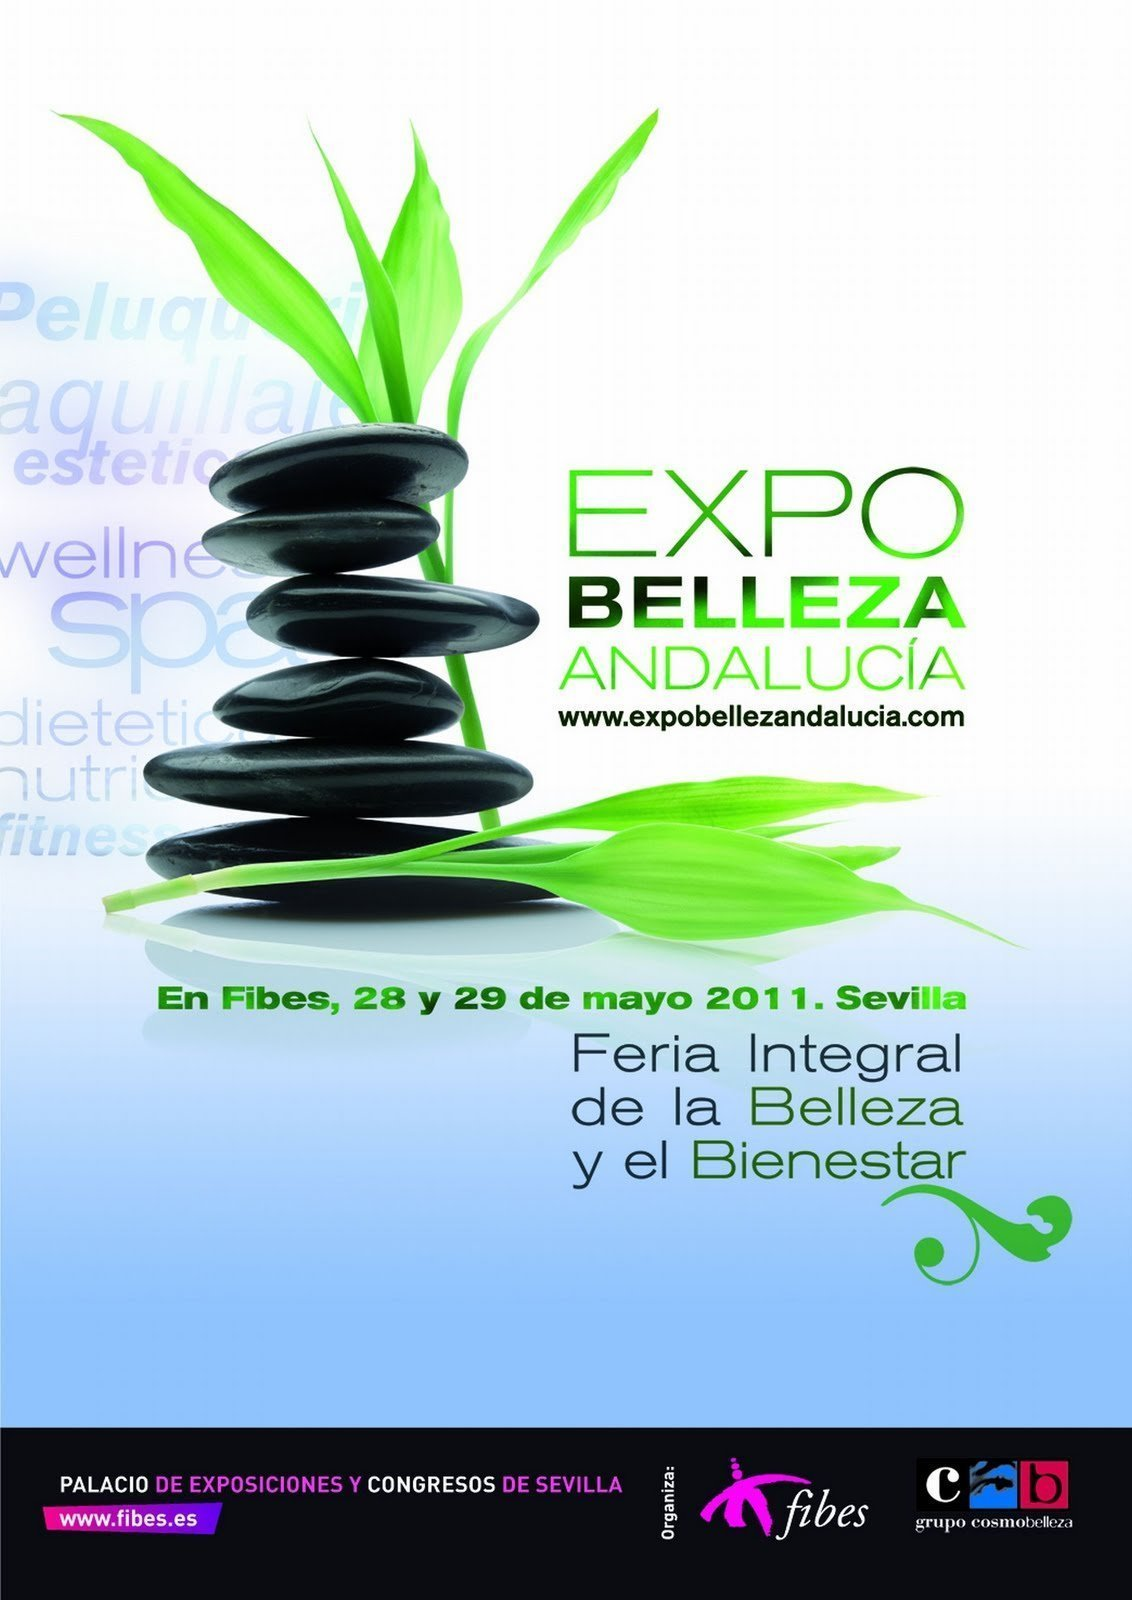 expo belleza Andalucía 2011